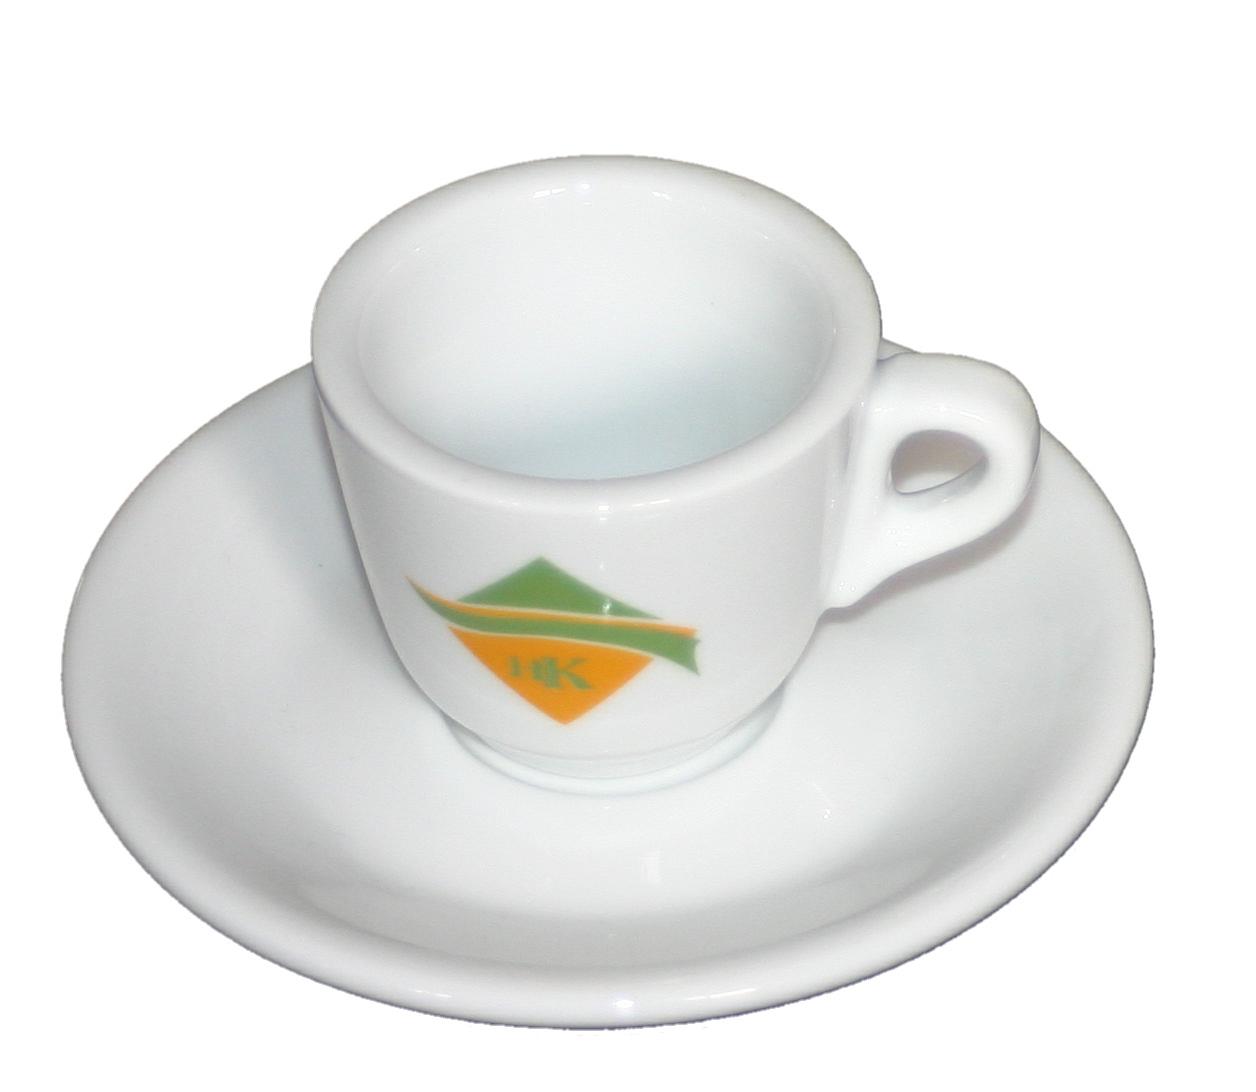 96ca8b03f60 Espresso Tasse online kaufen | KAFFEELAND HAINISCH